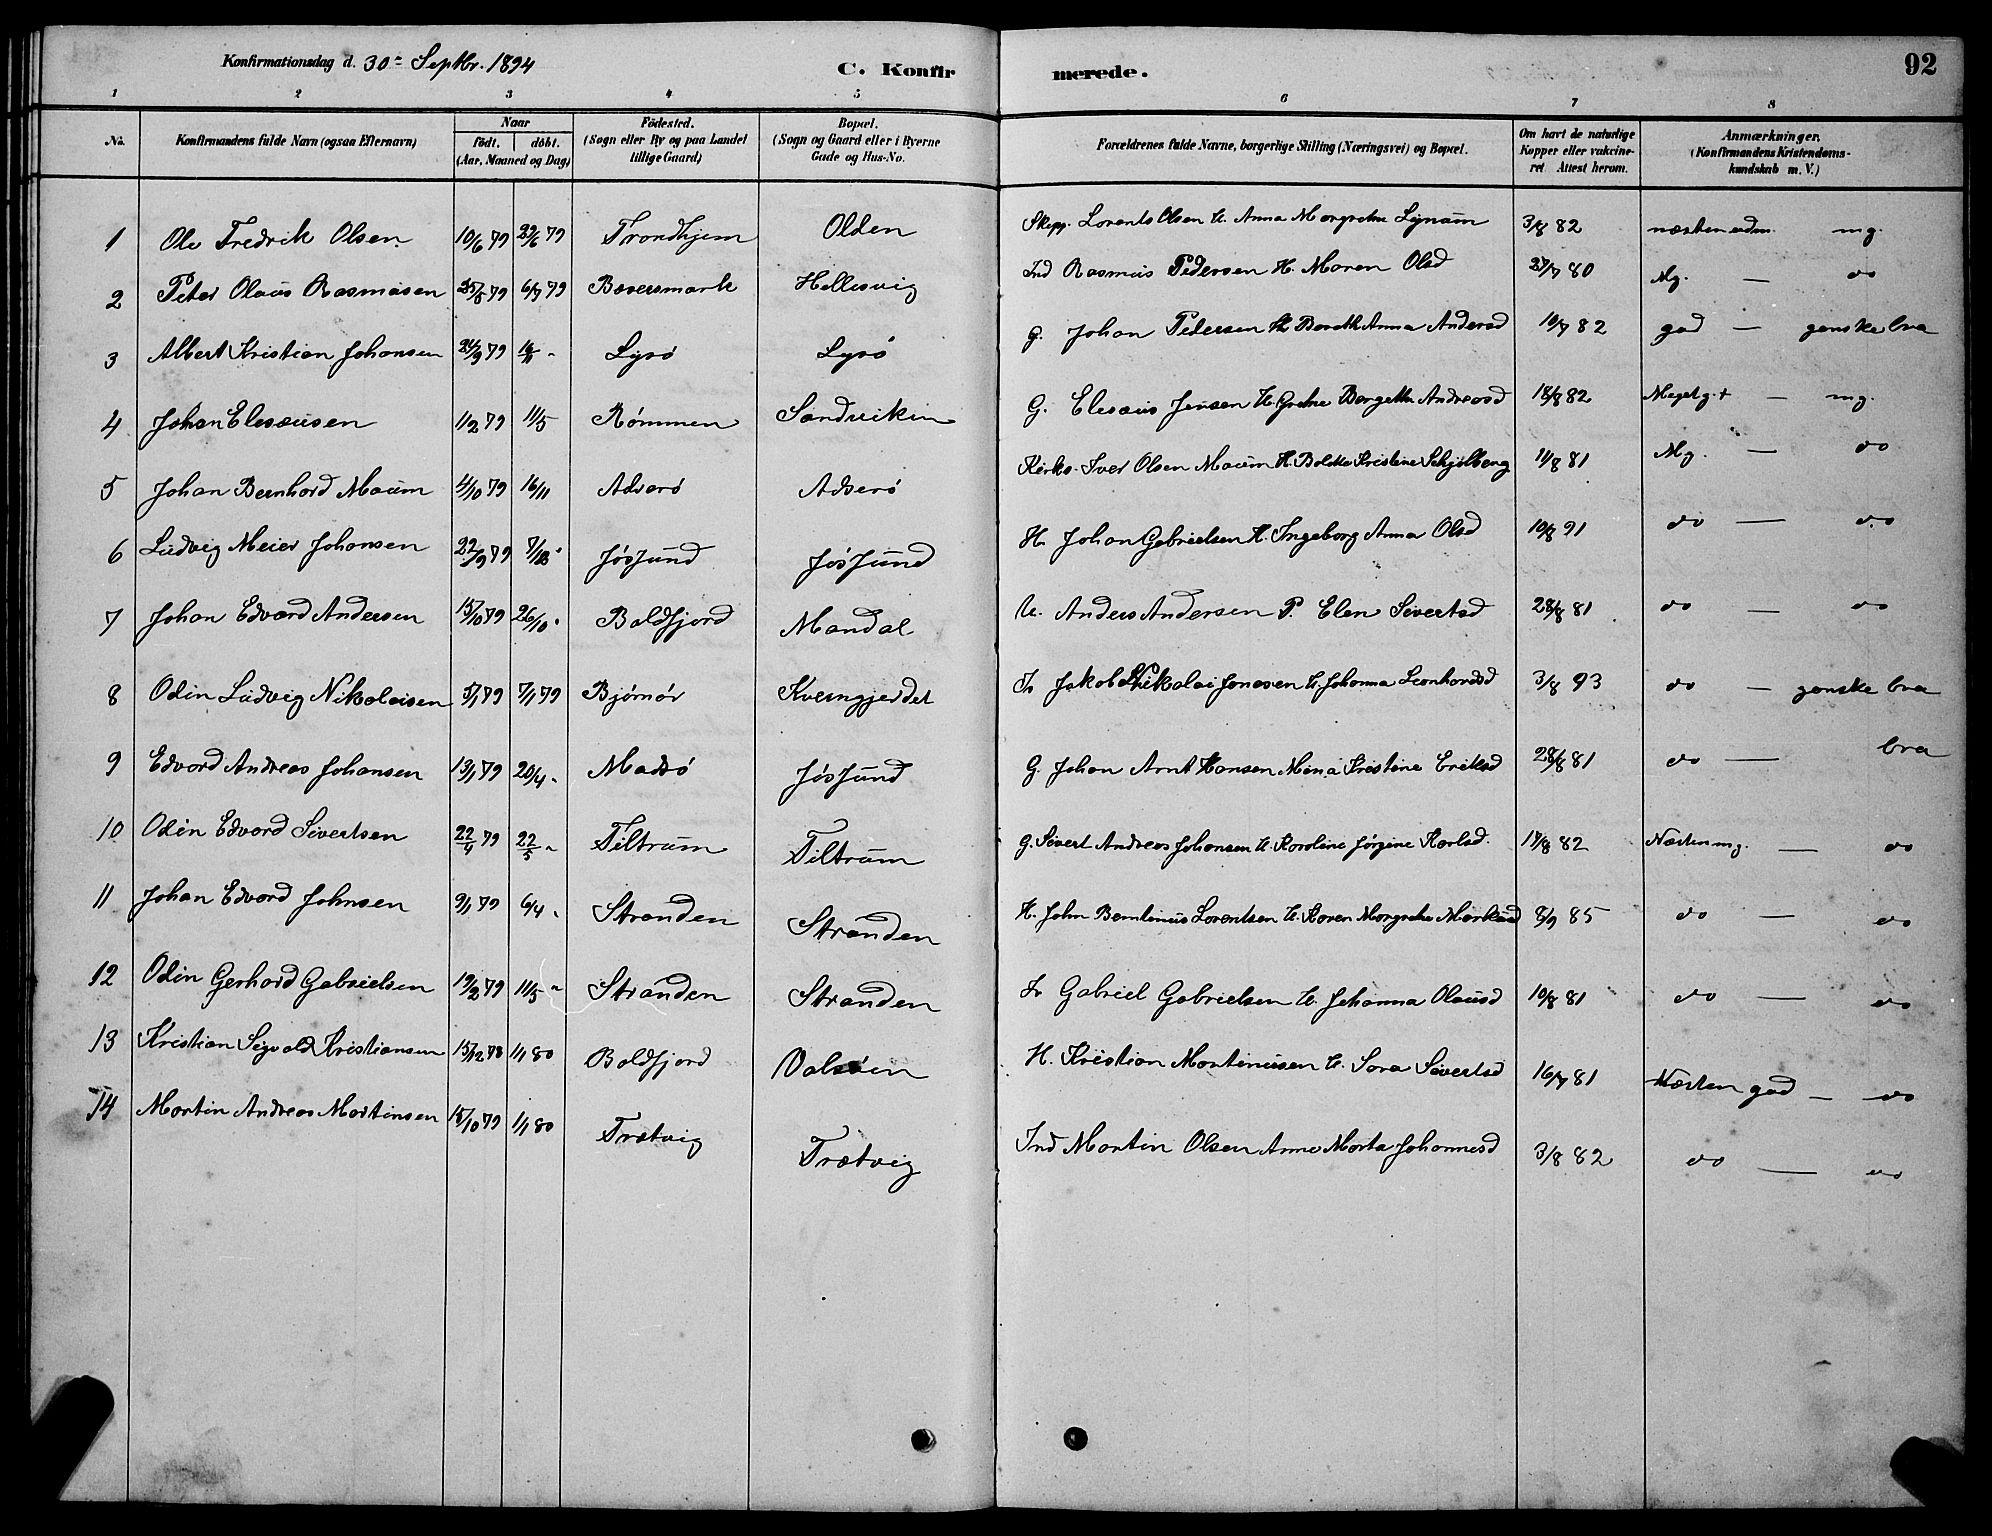 SAT, Ministerialprotokoller, klokkerbøker og fødselsregistre - Sør-Trøndelag, 654/L0665: Klokkerbok nr. 654C01, 1879-1901, s. 92